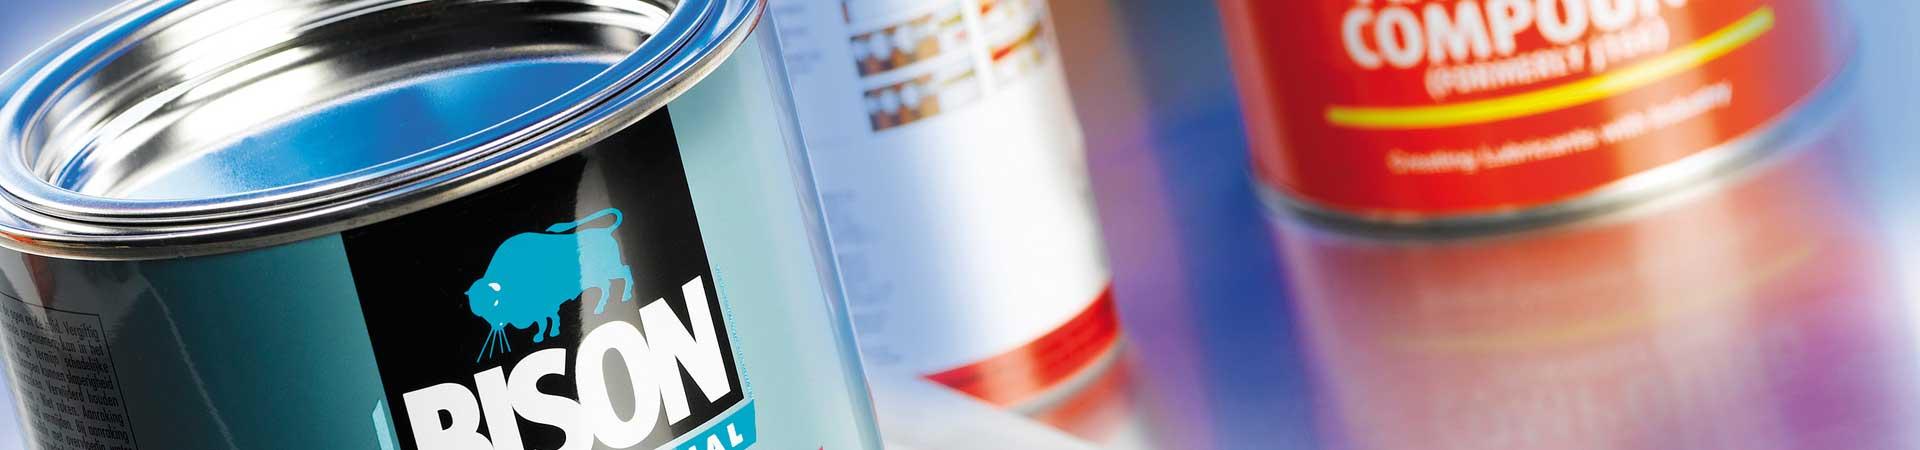 perk-rubix-technische-chemische-producten